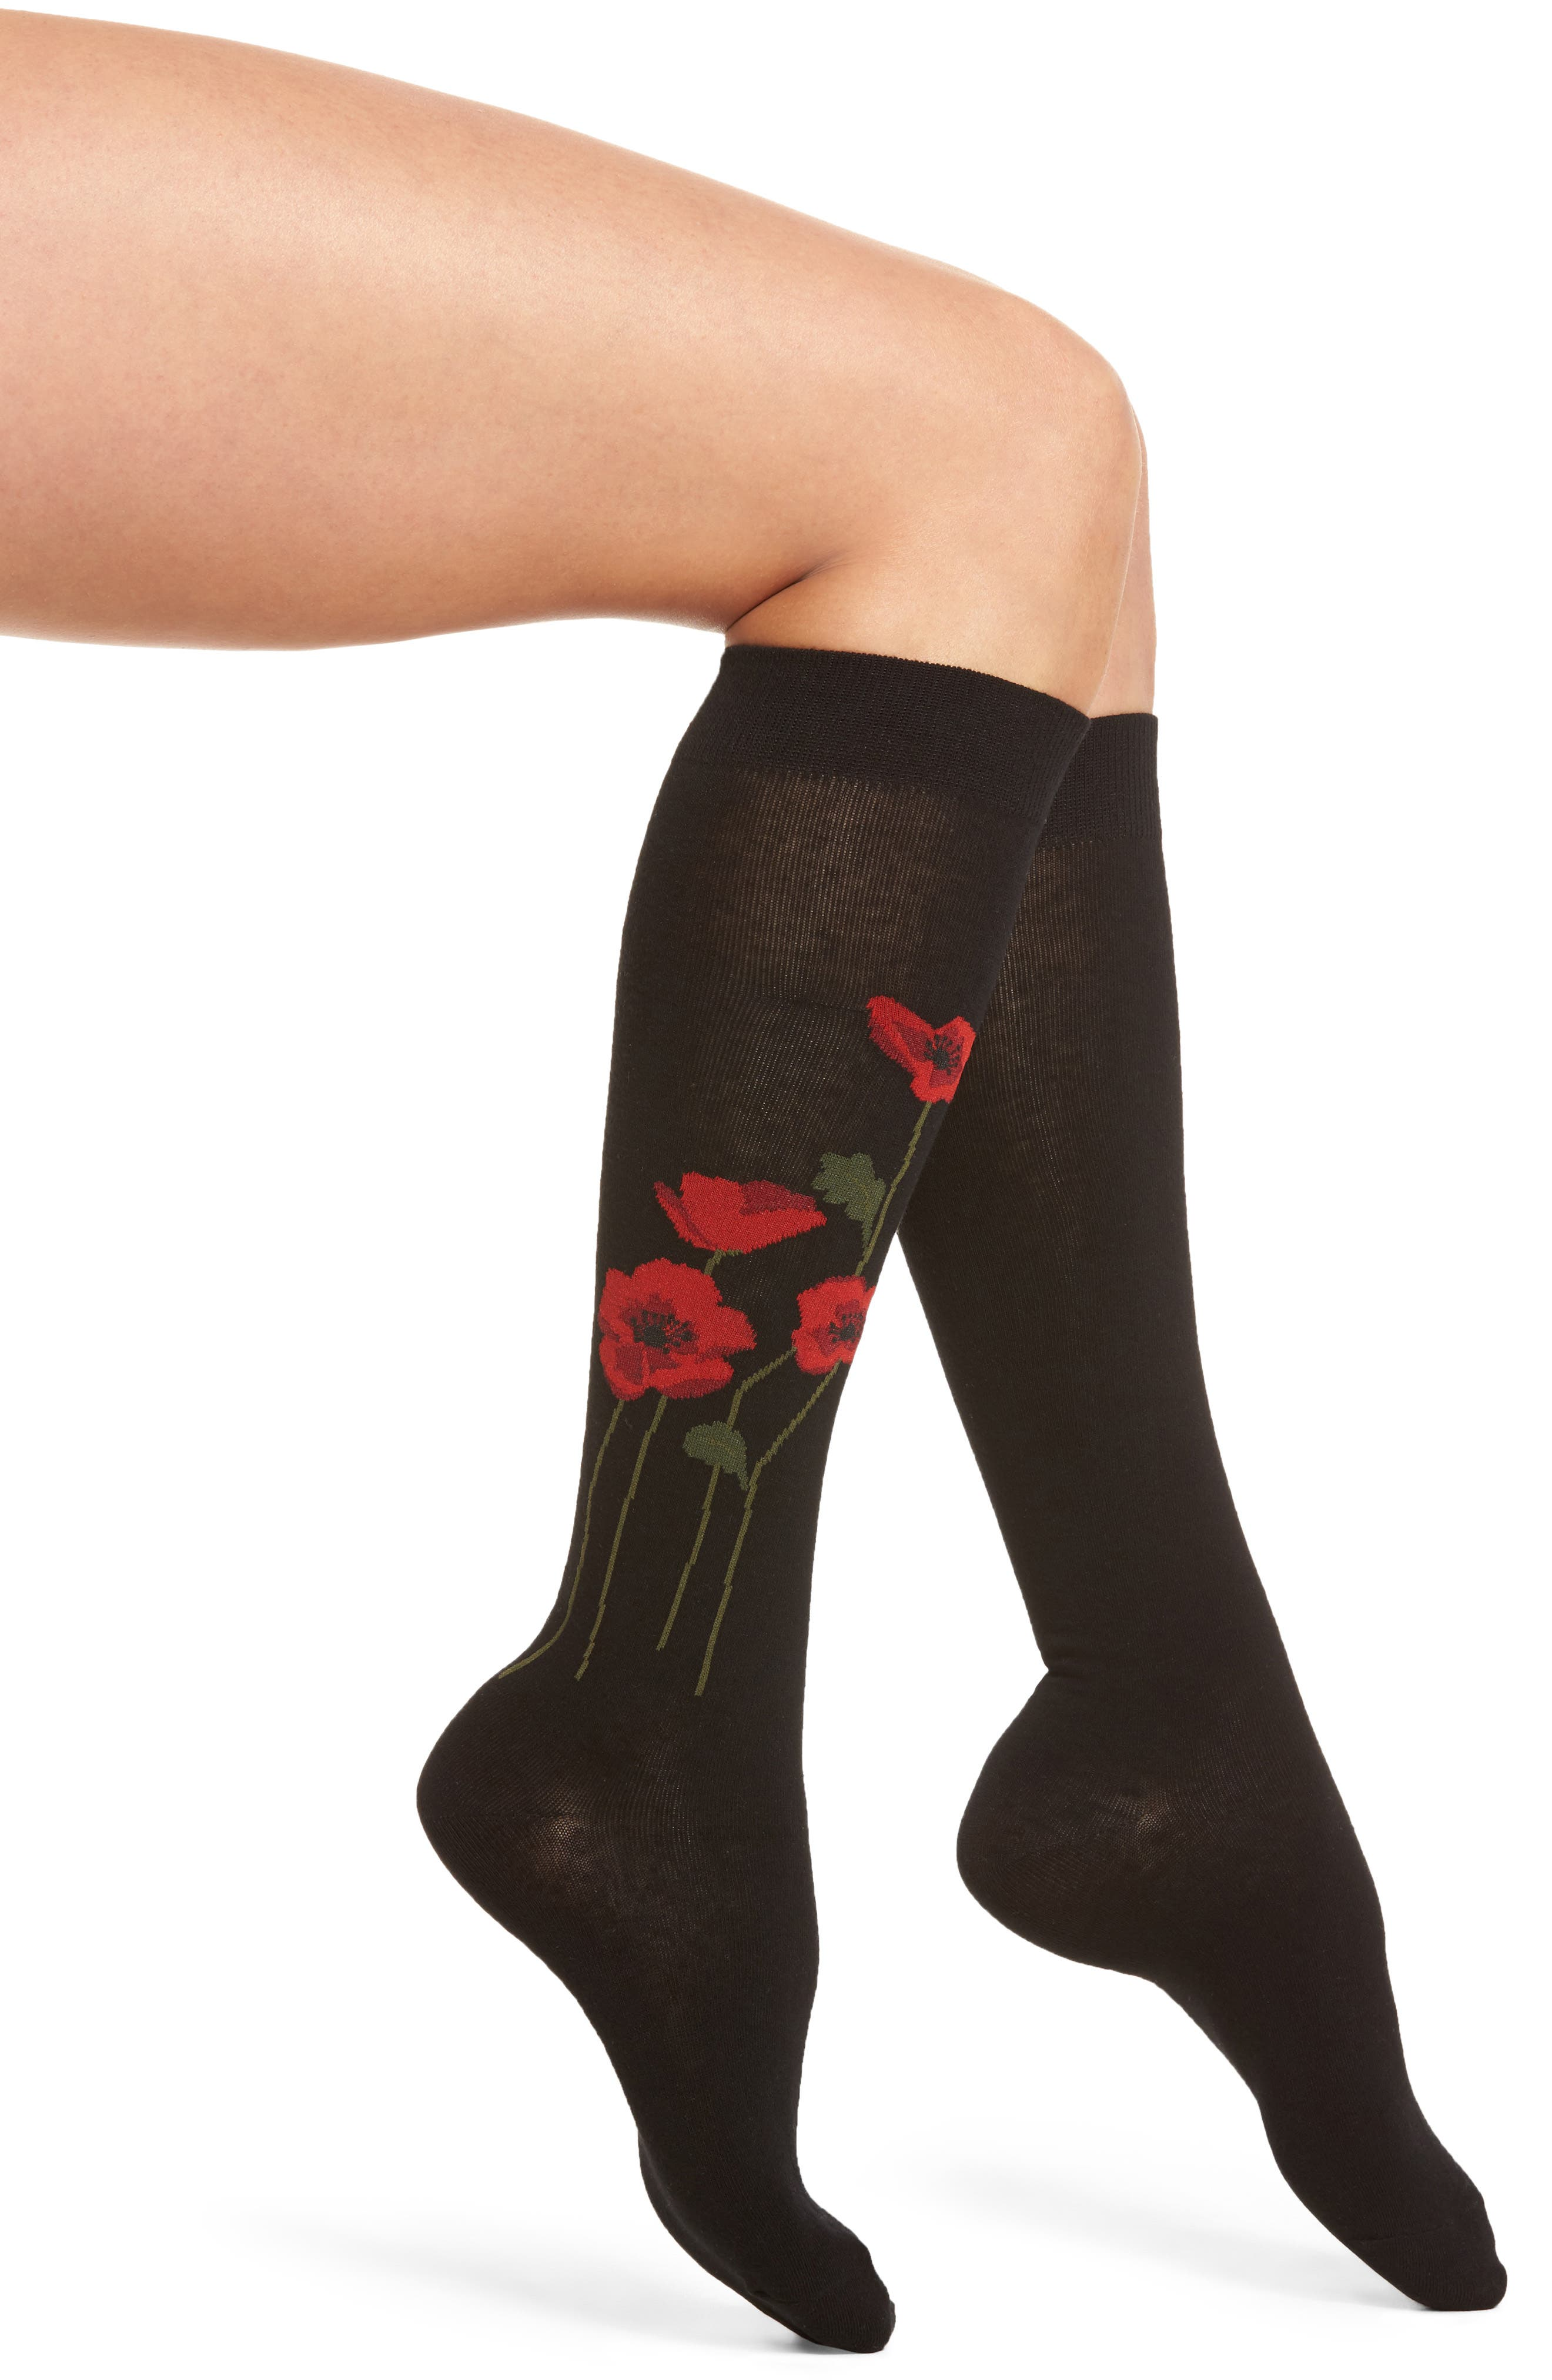 kate spade new york falling poppy knee high socks (2 for $20)